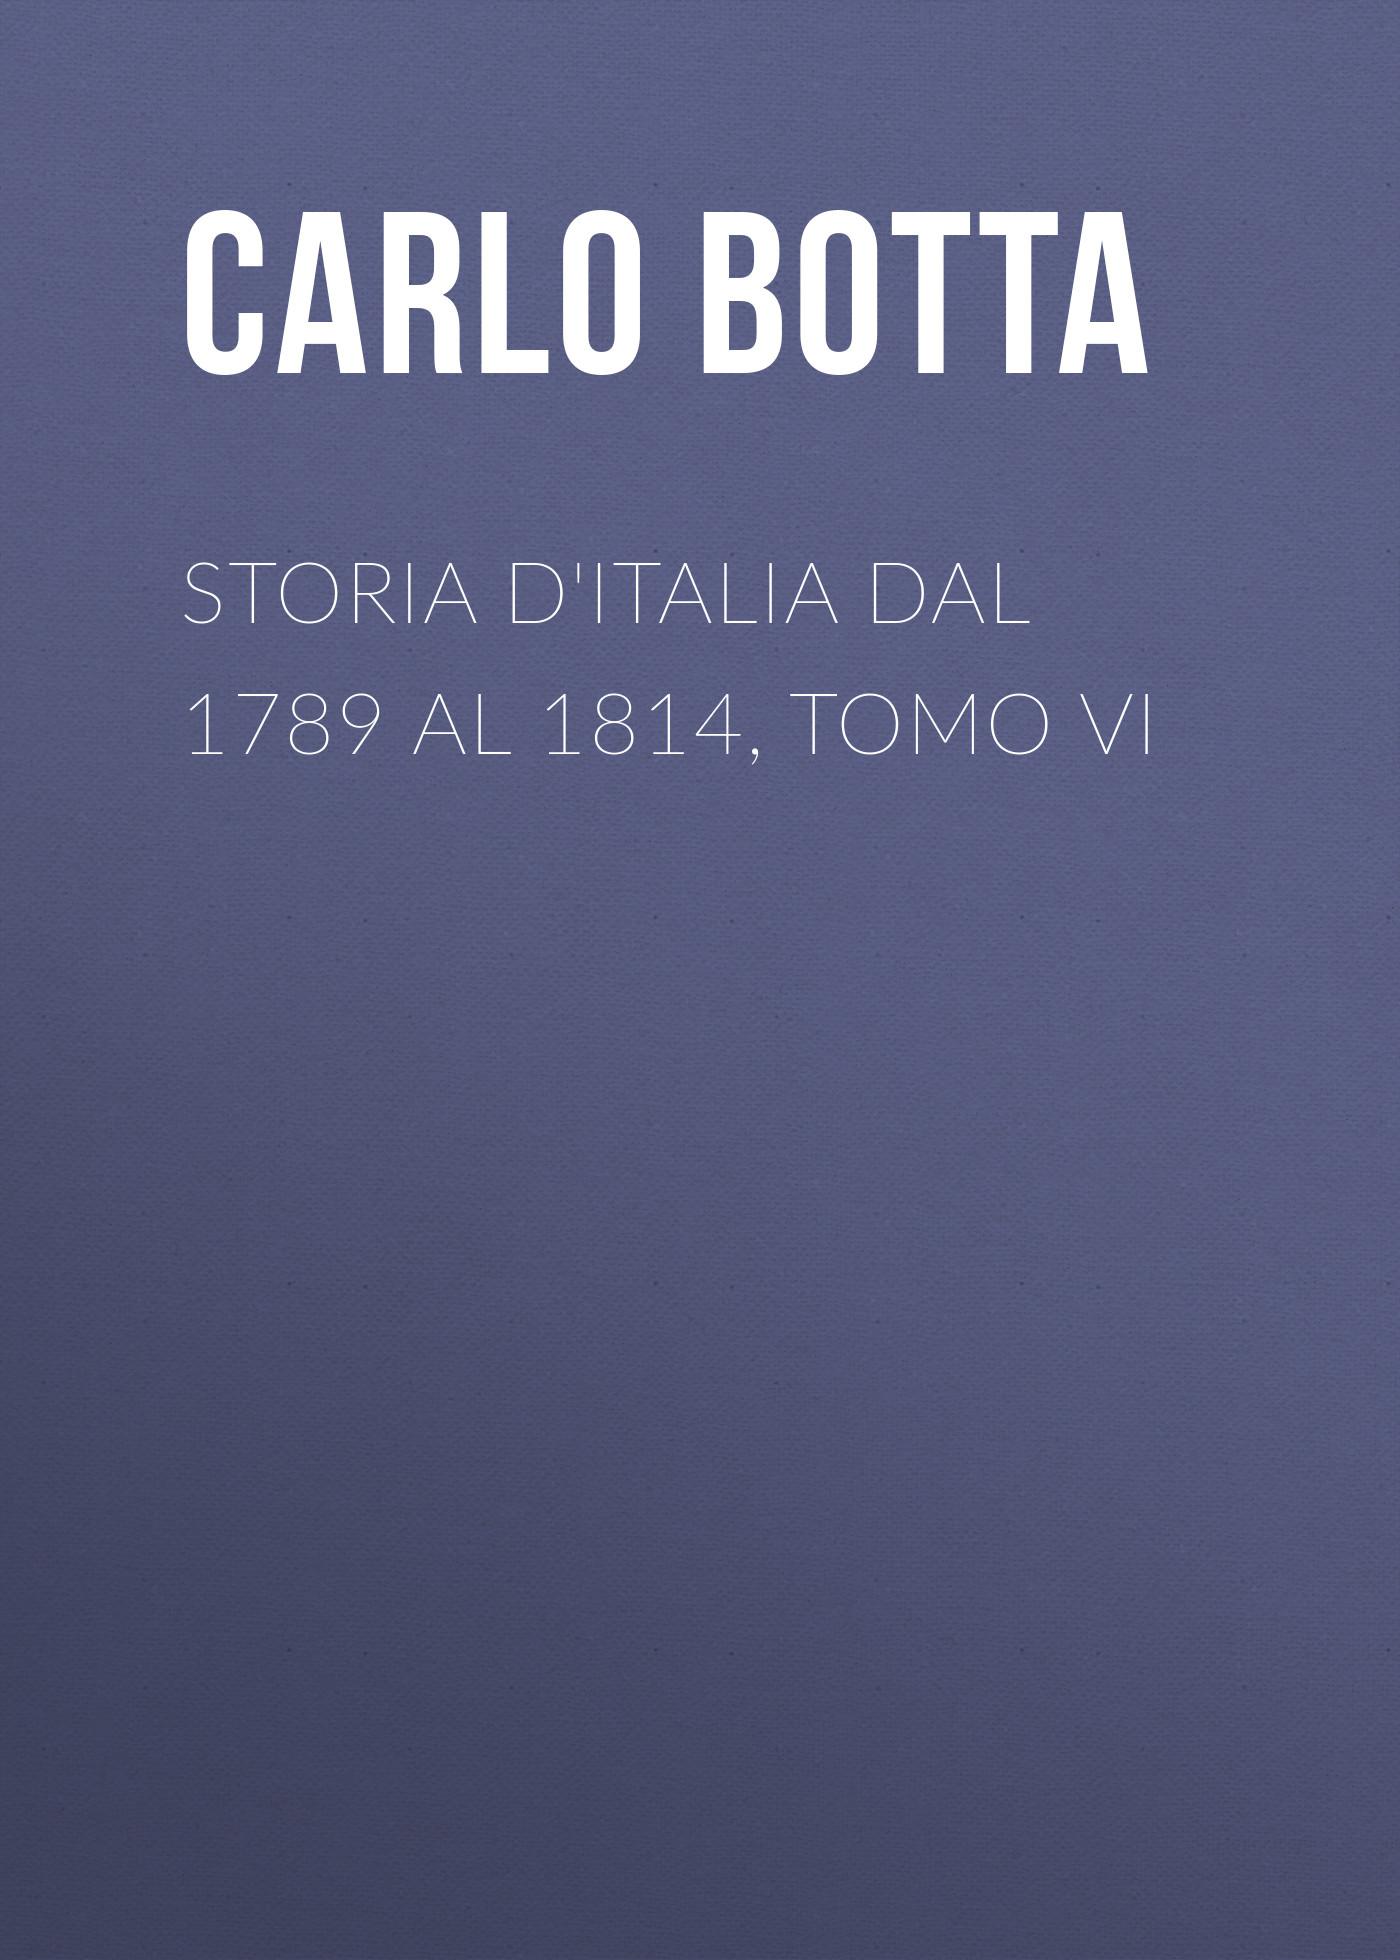 Botta Carlo Storia d'Italia dal 1789 al 1814, tomo VI